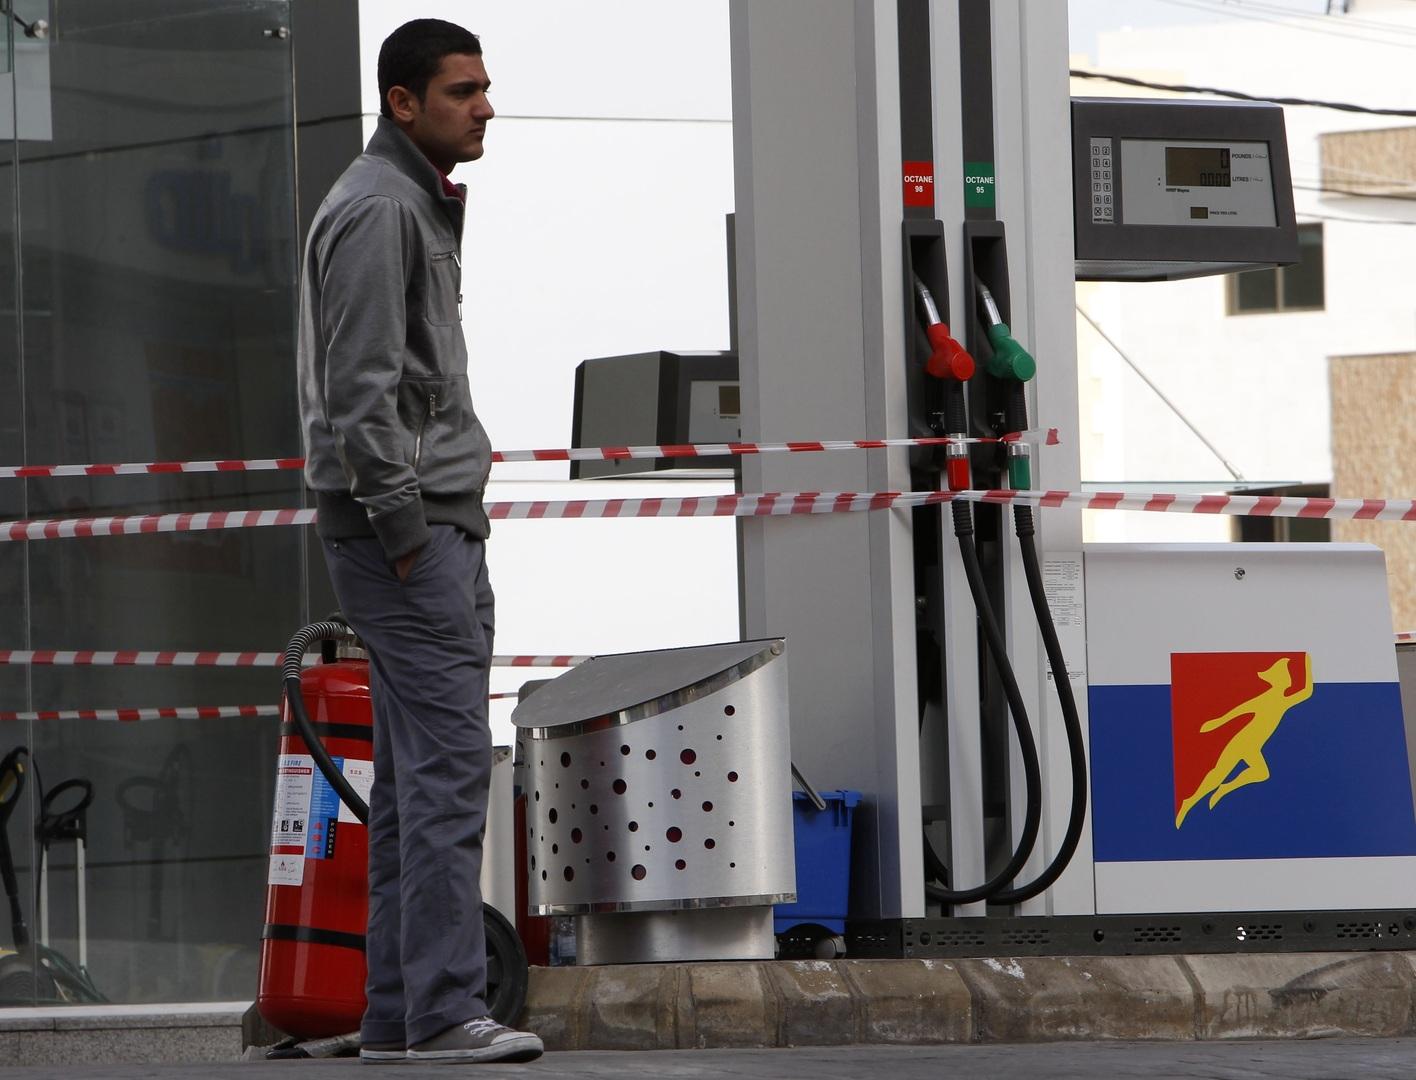 الحكومة اللبنانية تطرح مناقصة بنزين على غير العادة